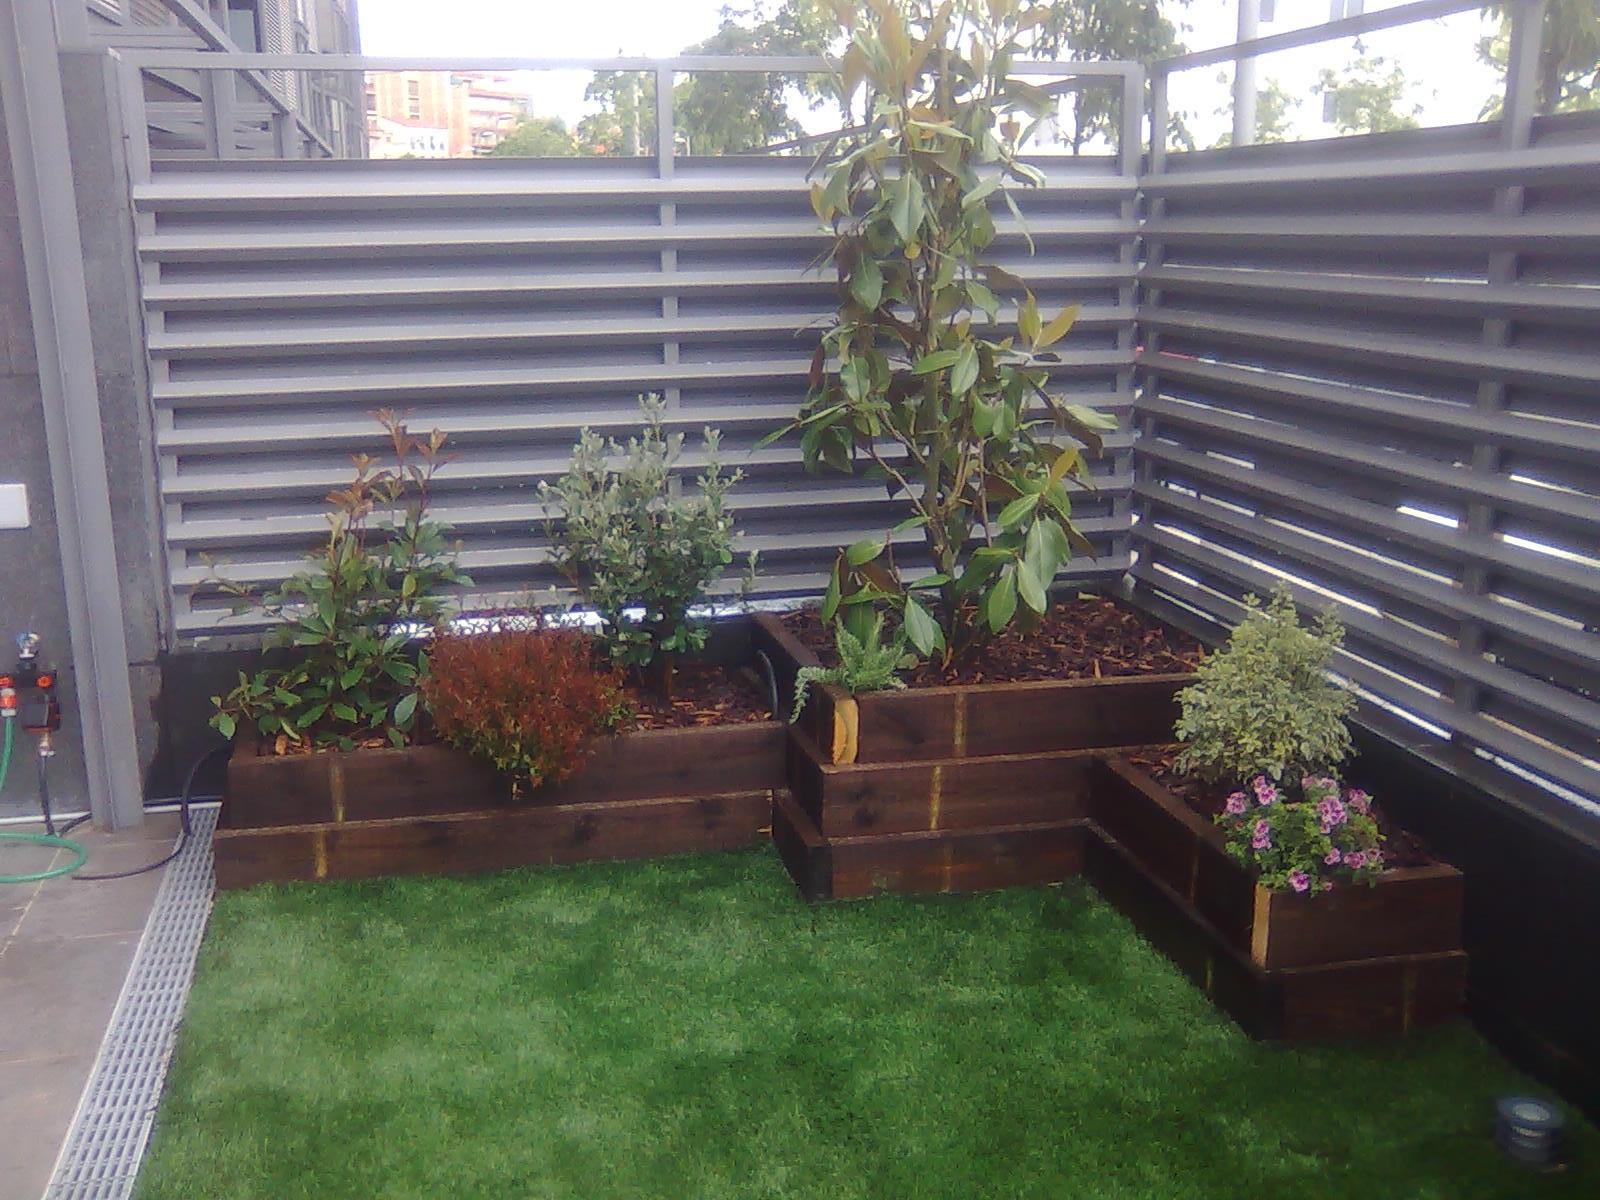 Jardineria paisajes dise o y construccion de jardines - Jardineras para jardin ...